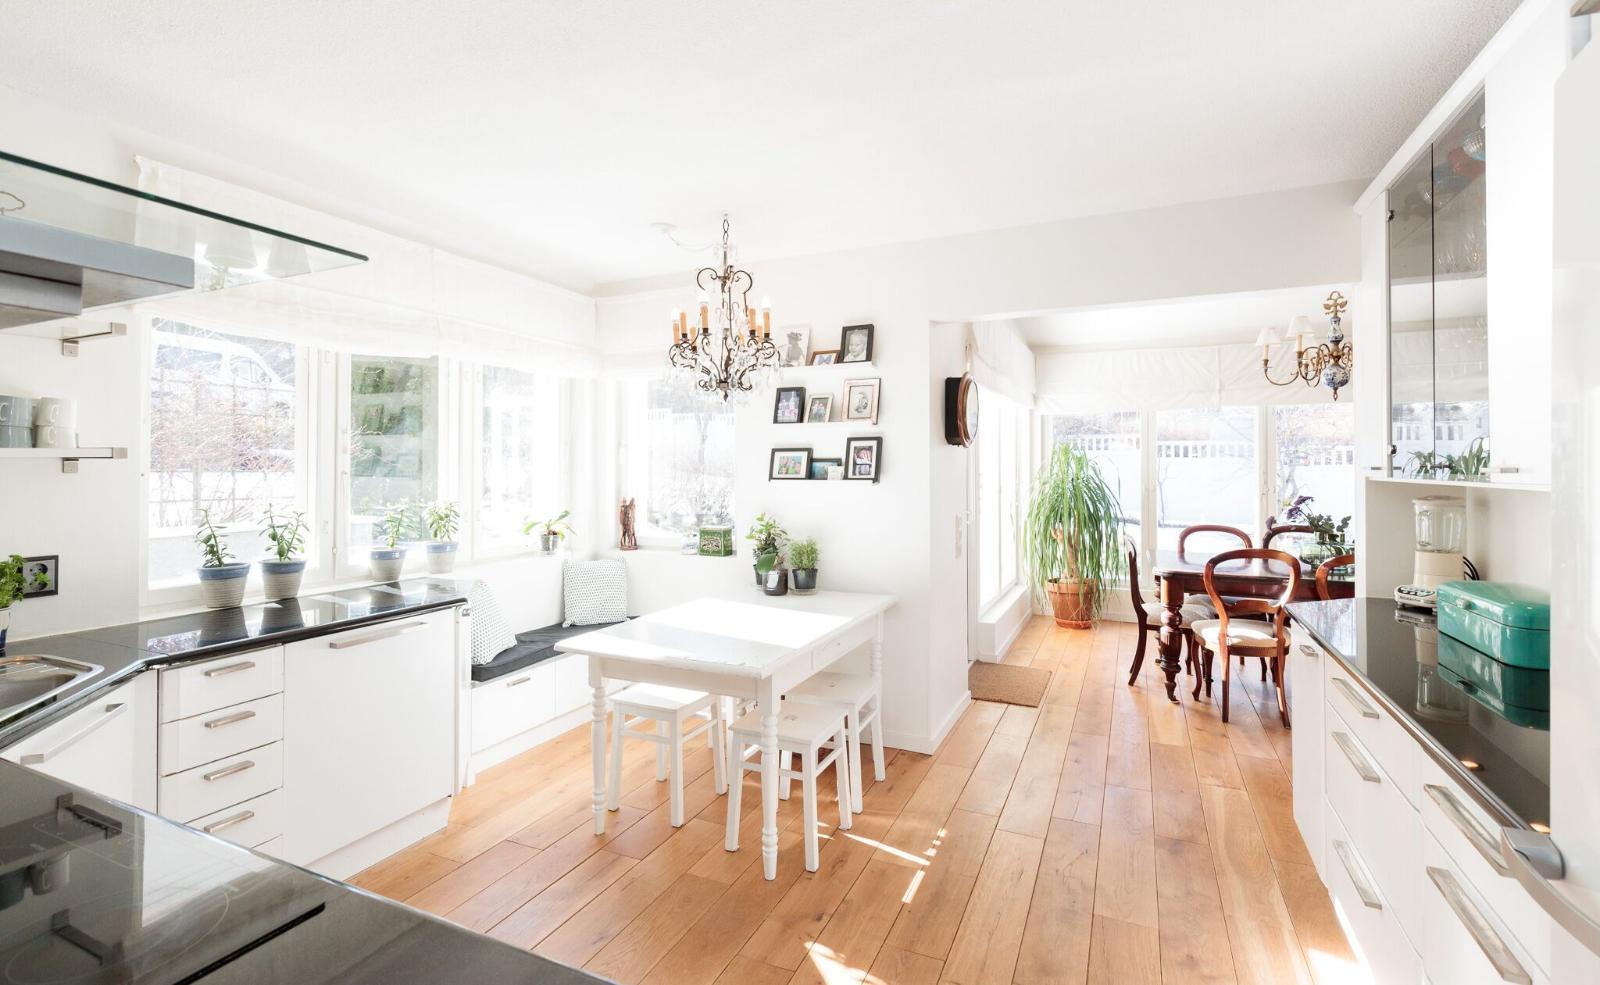 Viihtyisä keittiö kylpee valossa  Etuovi com Ideat & vinkit